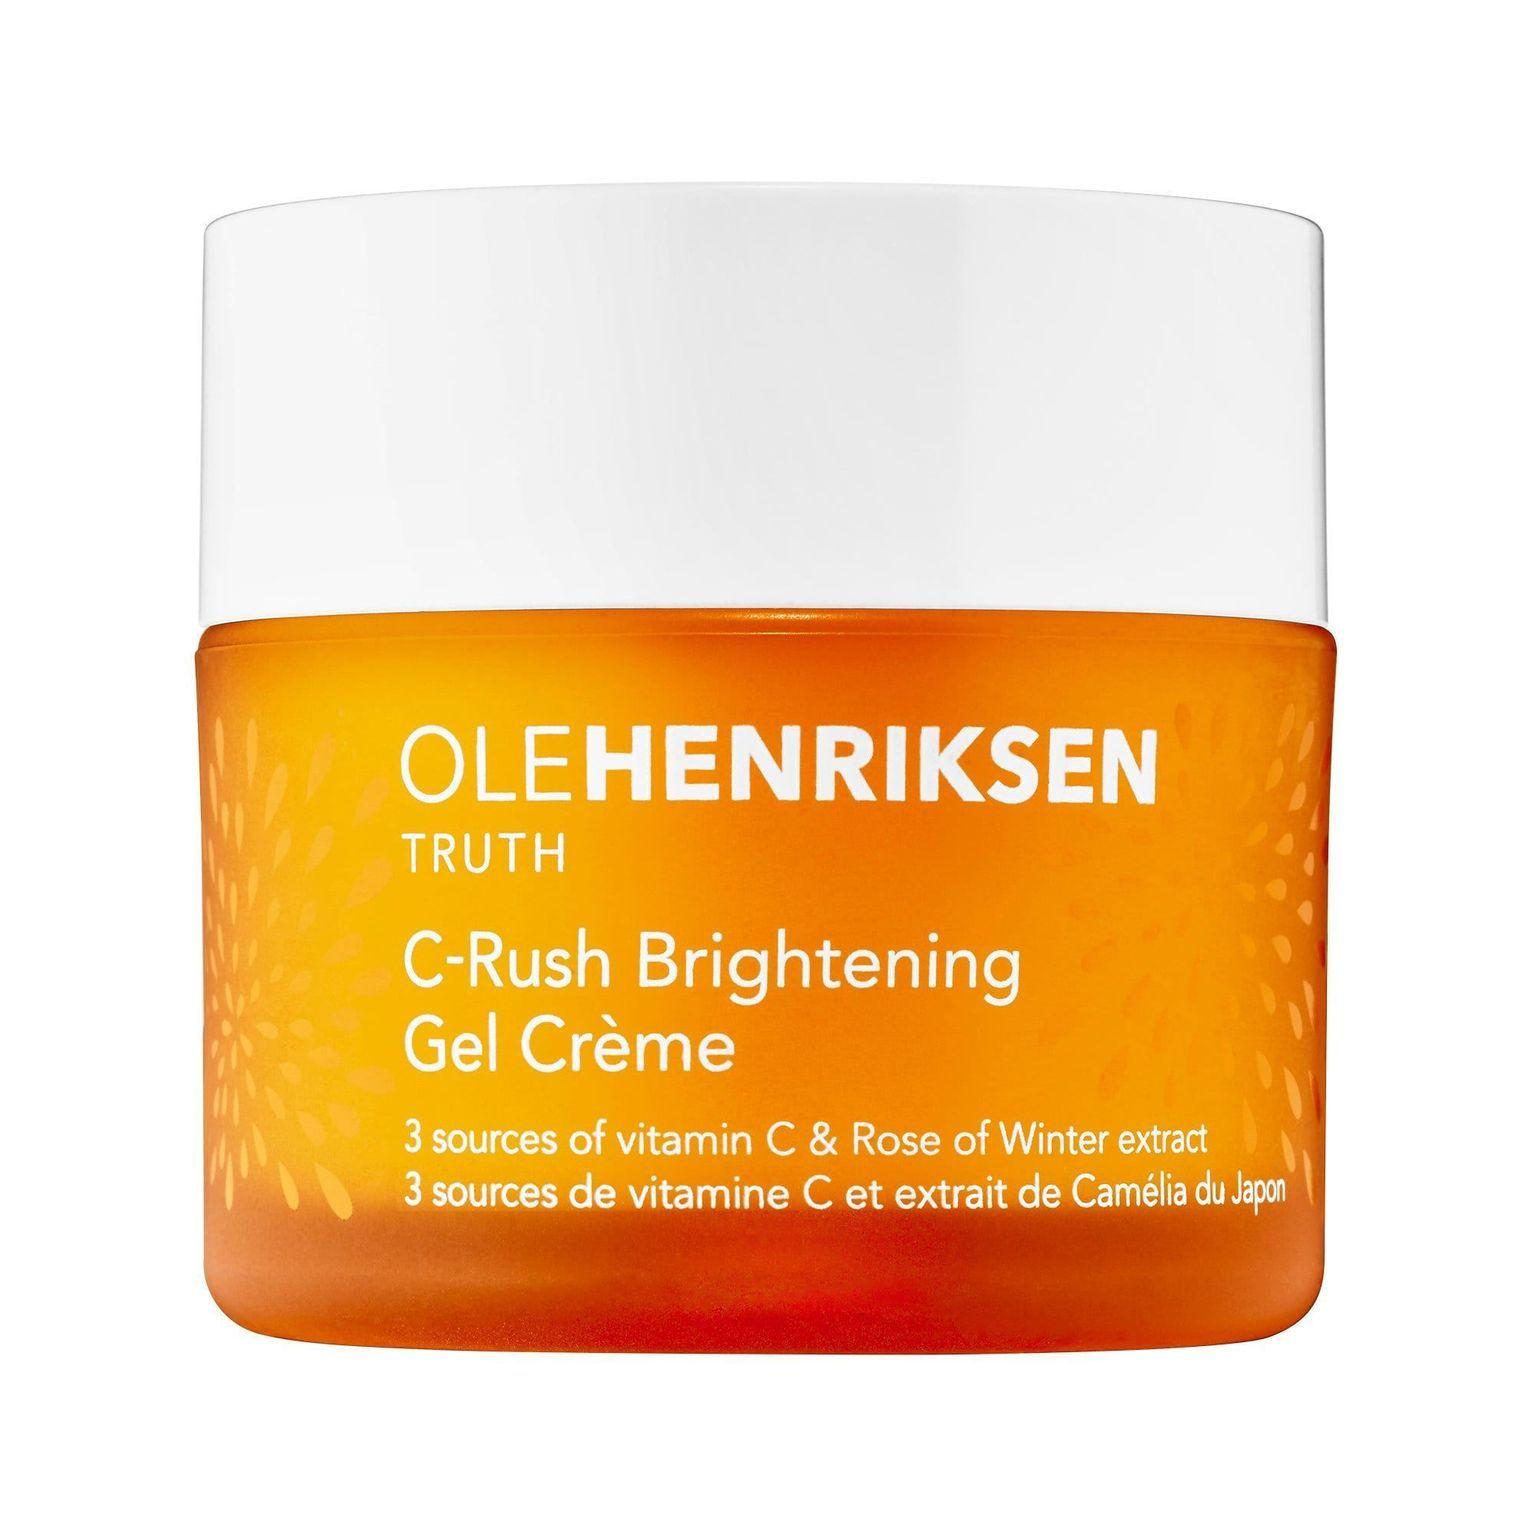 C-Rush Brightening Gel Creme